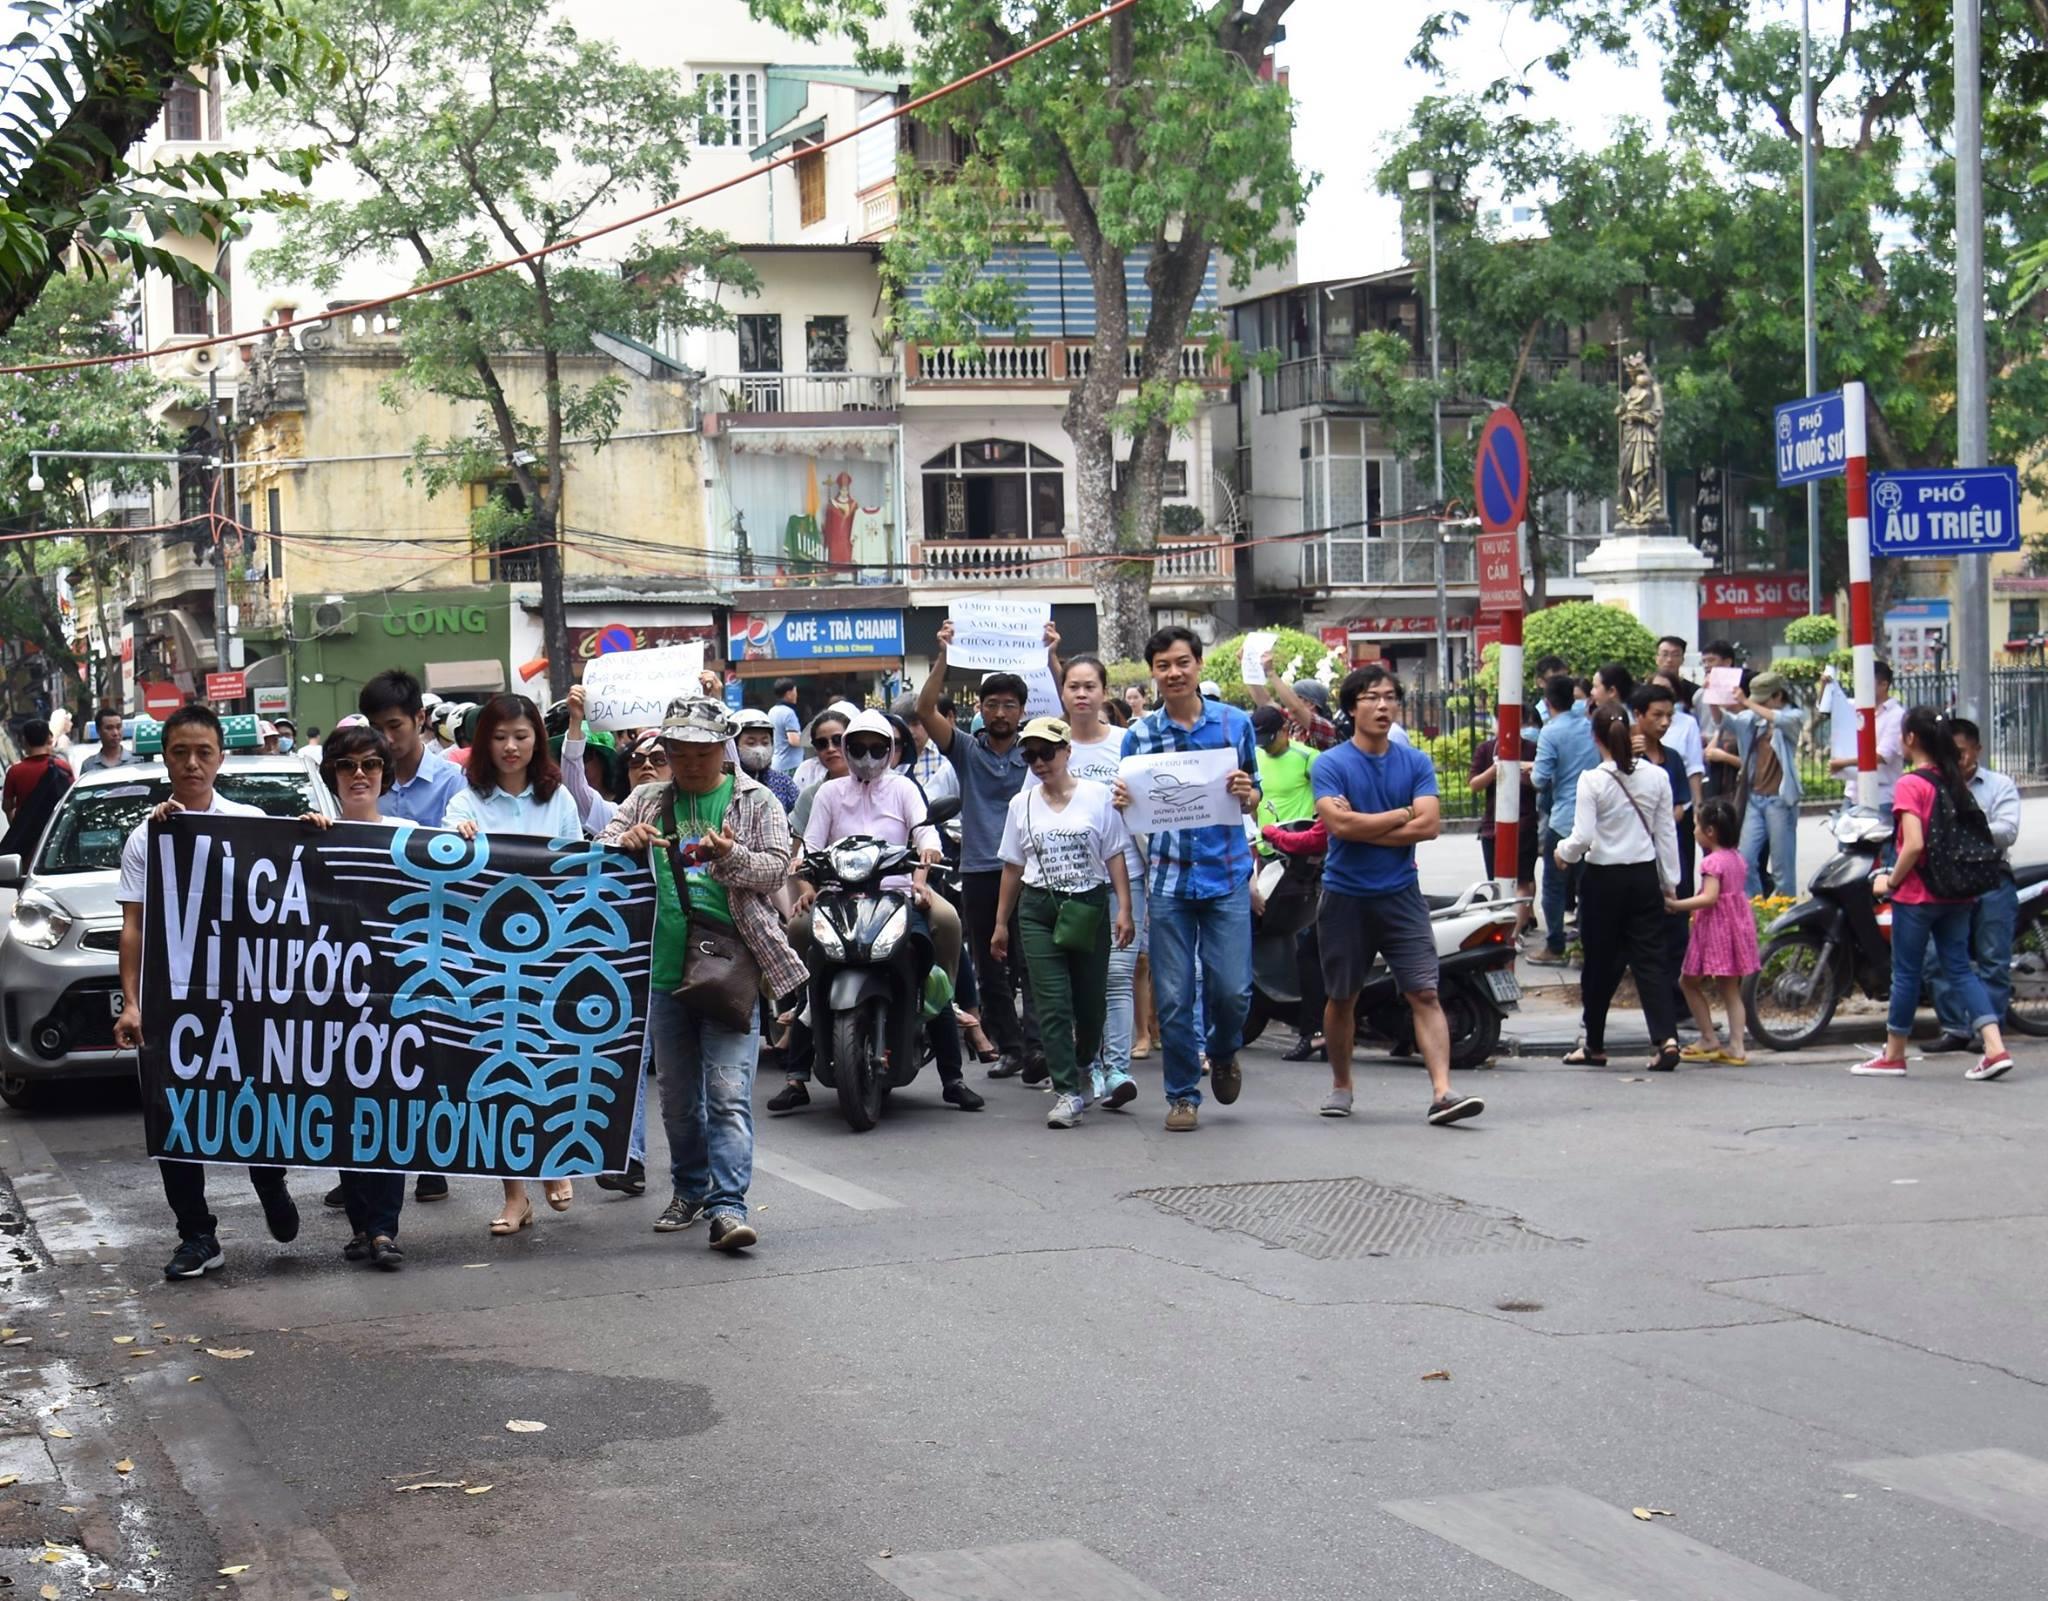 Biểu tình bảo vệ môi trường nổ ra tại Hà Nội và Sài Gòn 5/6/2016